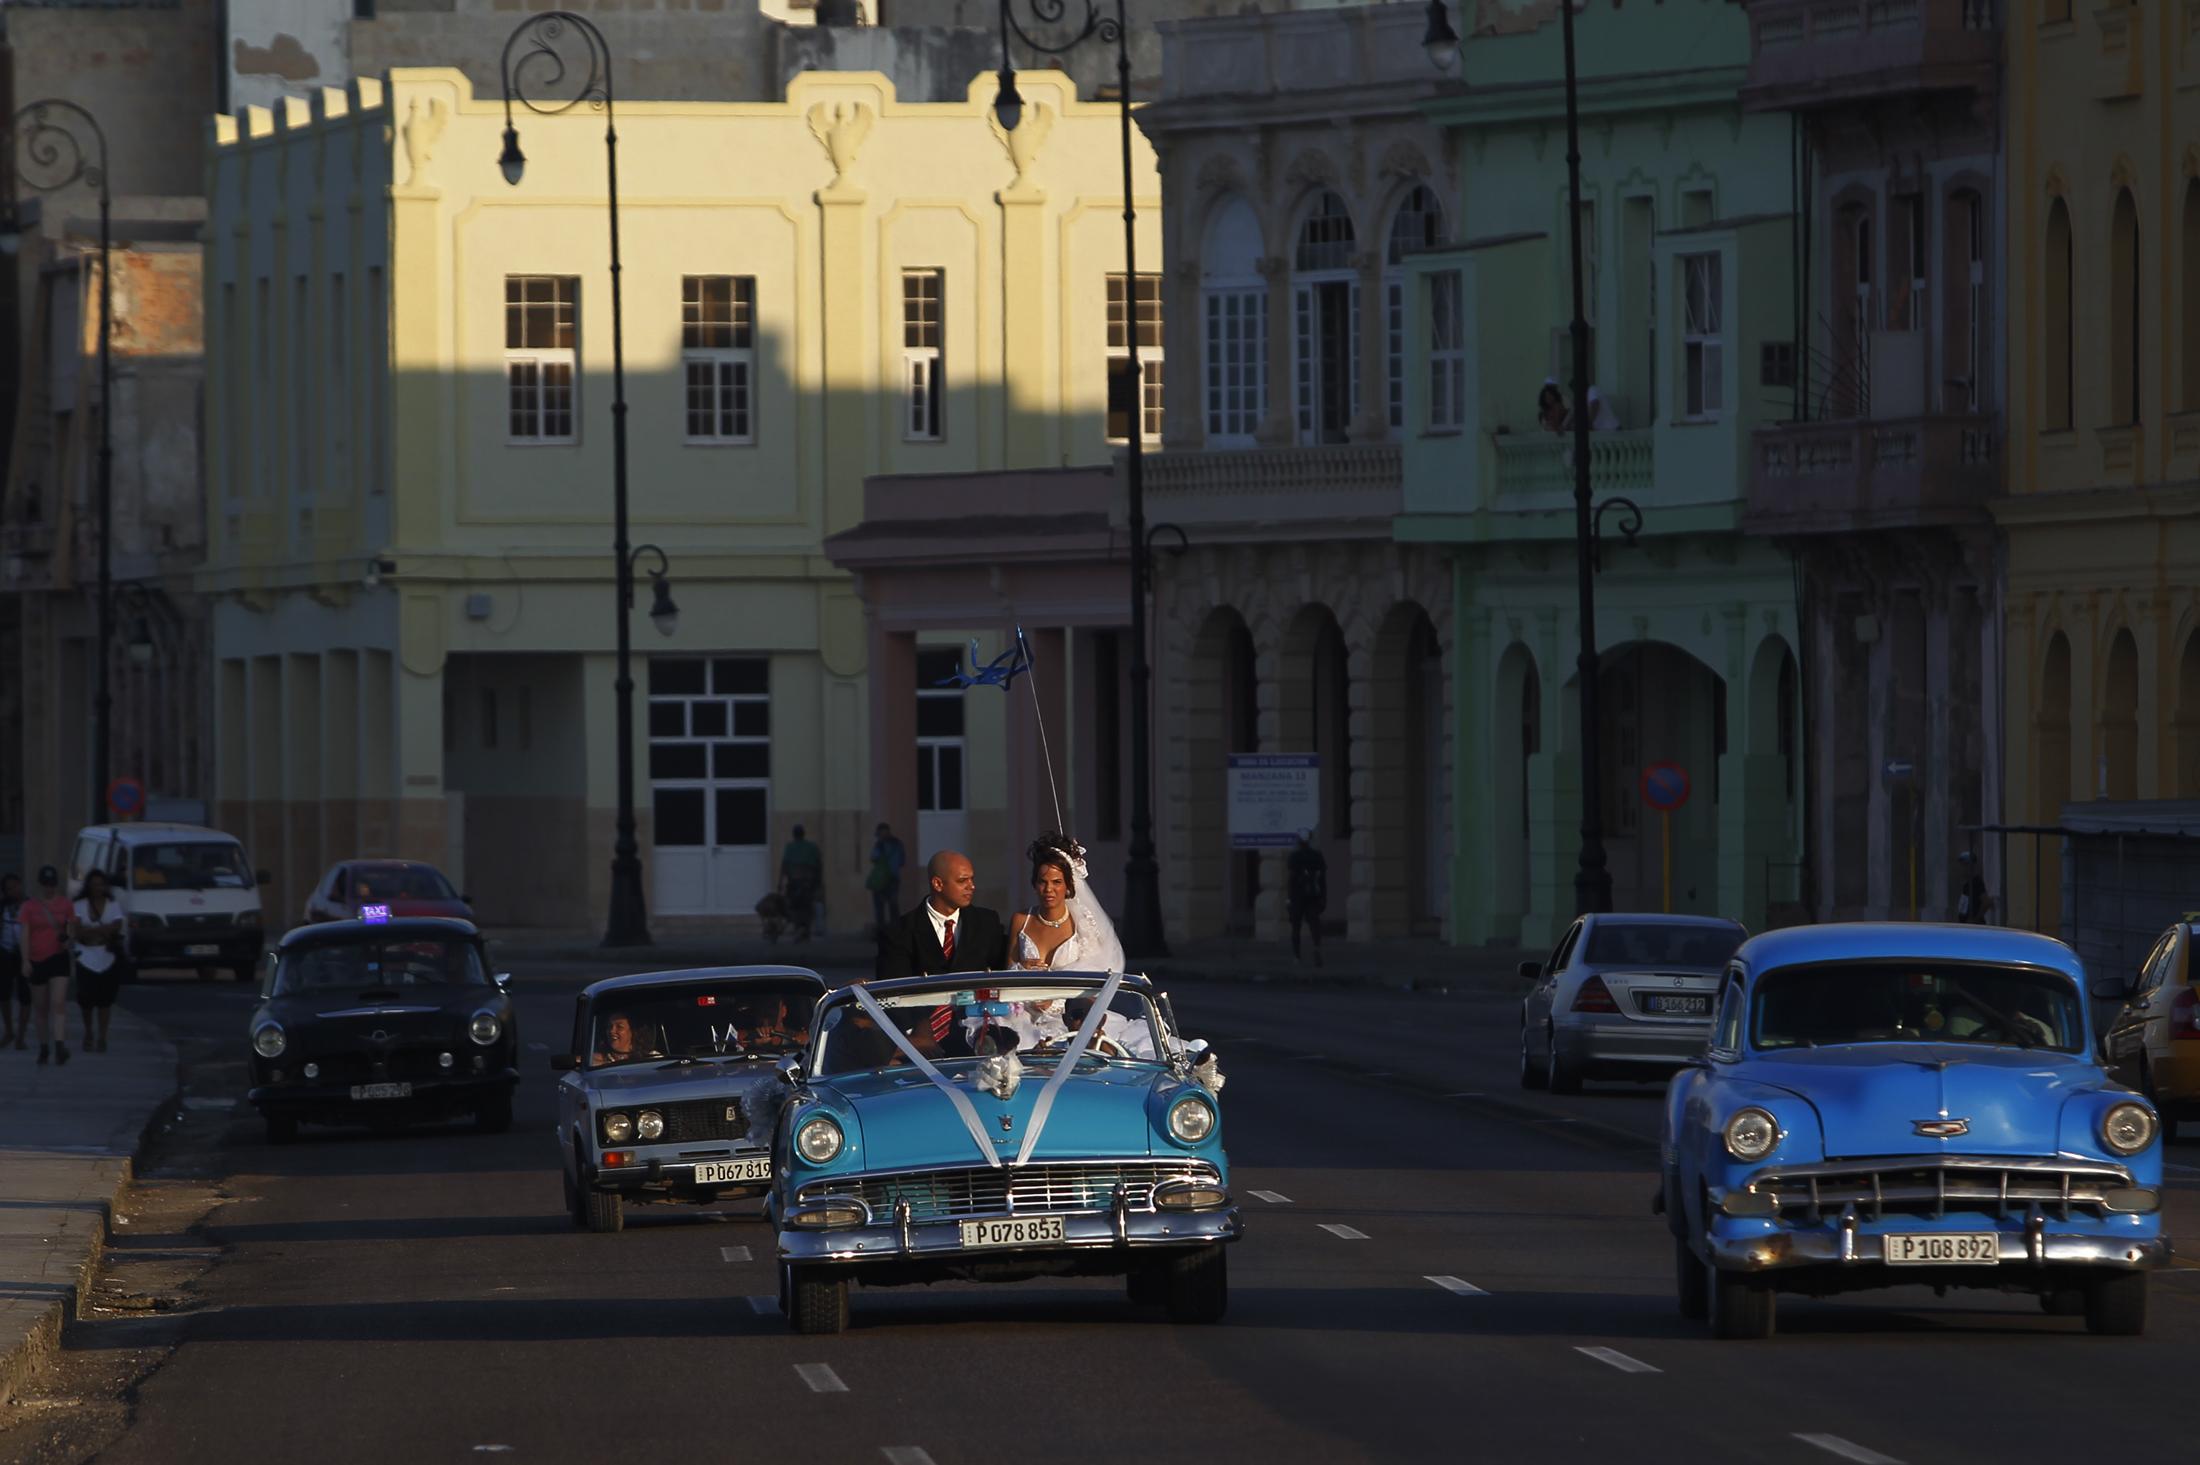 Una pareja de recién casados pasea en un automóvil por la céntrica avenida Malecón, en La Habana, Cuba, en diciembre de 2017. Este país caribeño pronto tendrá resultados sobre violencia hacia la mujer en la pareja, un aporte muy significativo para luchar contra este flagelo. Crédito: Jorge Luis Baños/IPS.